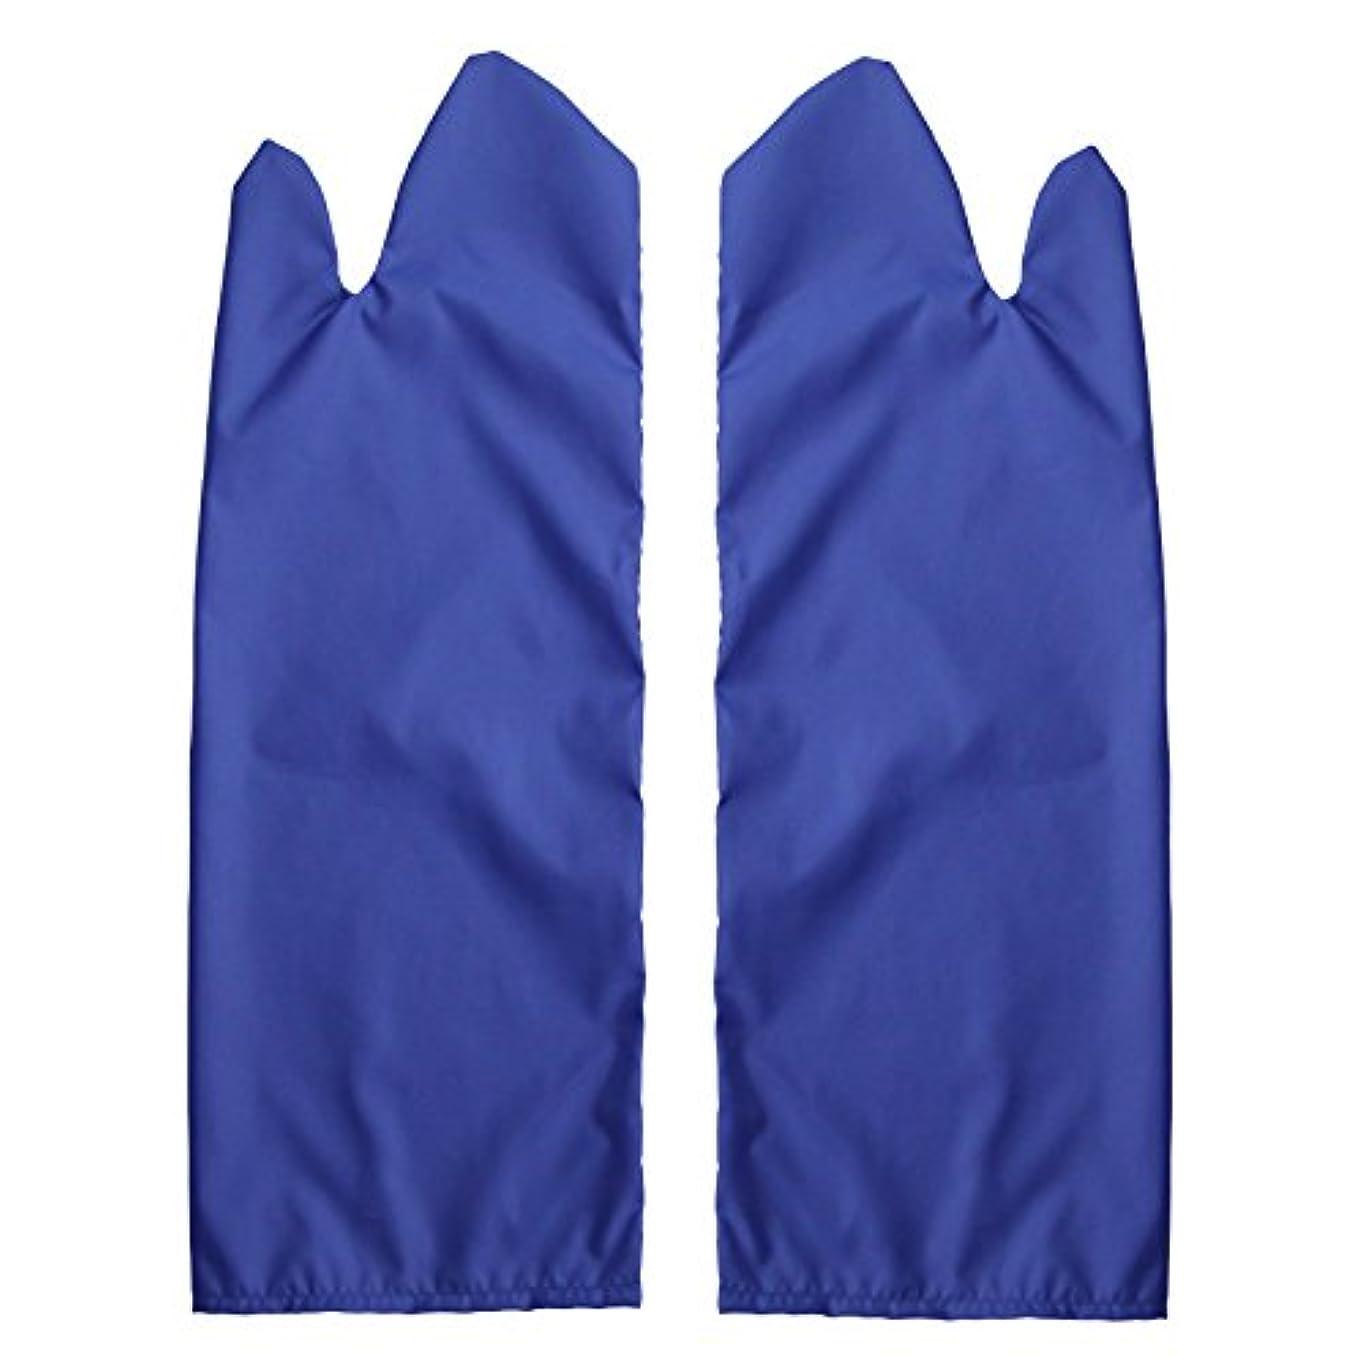 全員運ぶベンチャー体位変換用スライディンググローブ 撥水(ブルー) M /7-3681-03